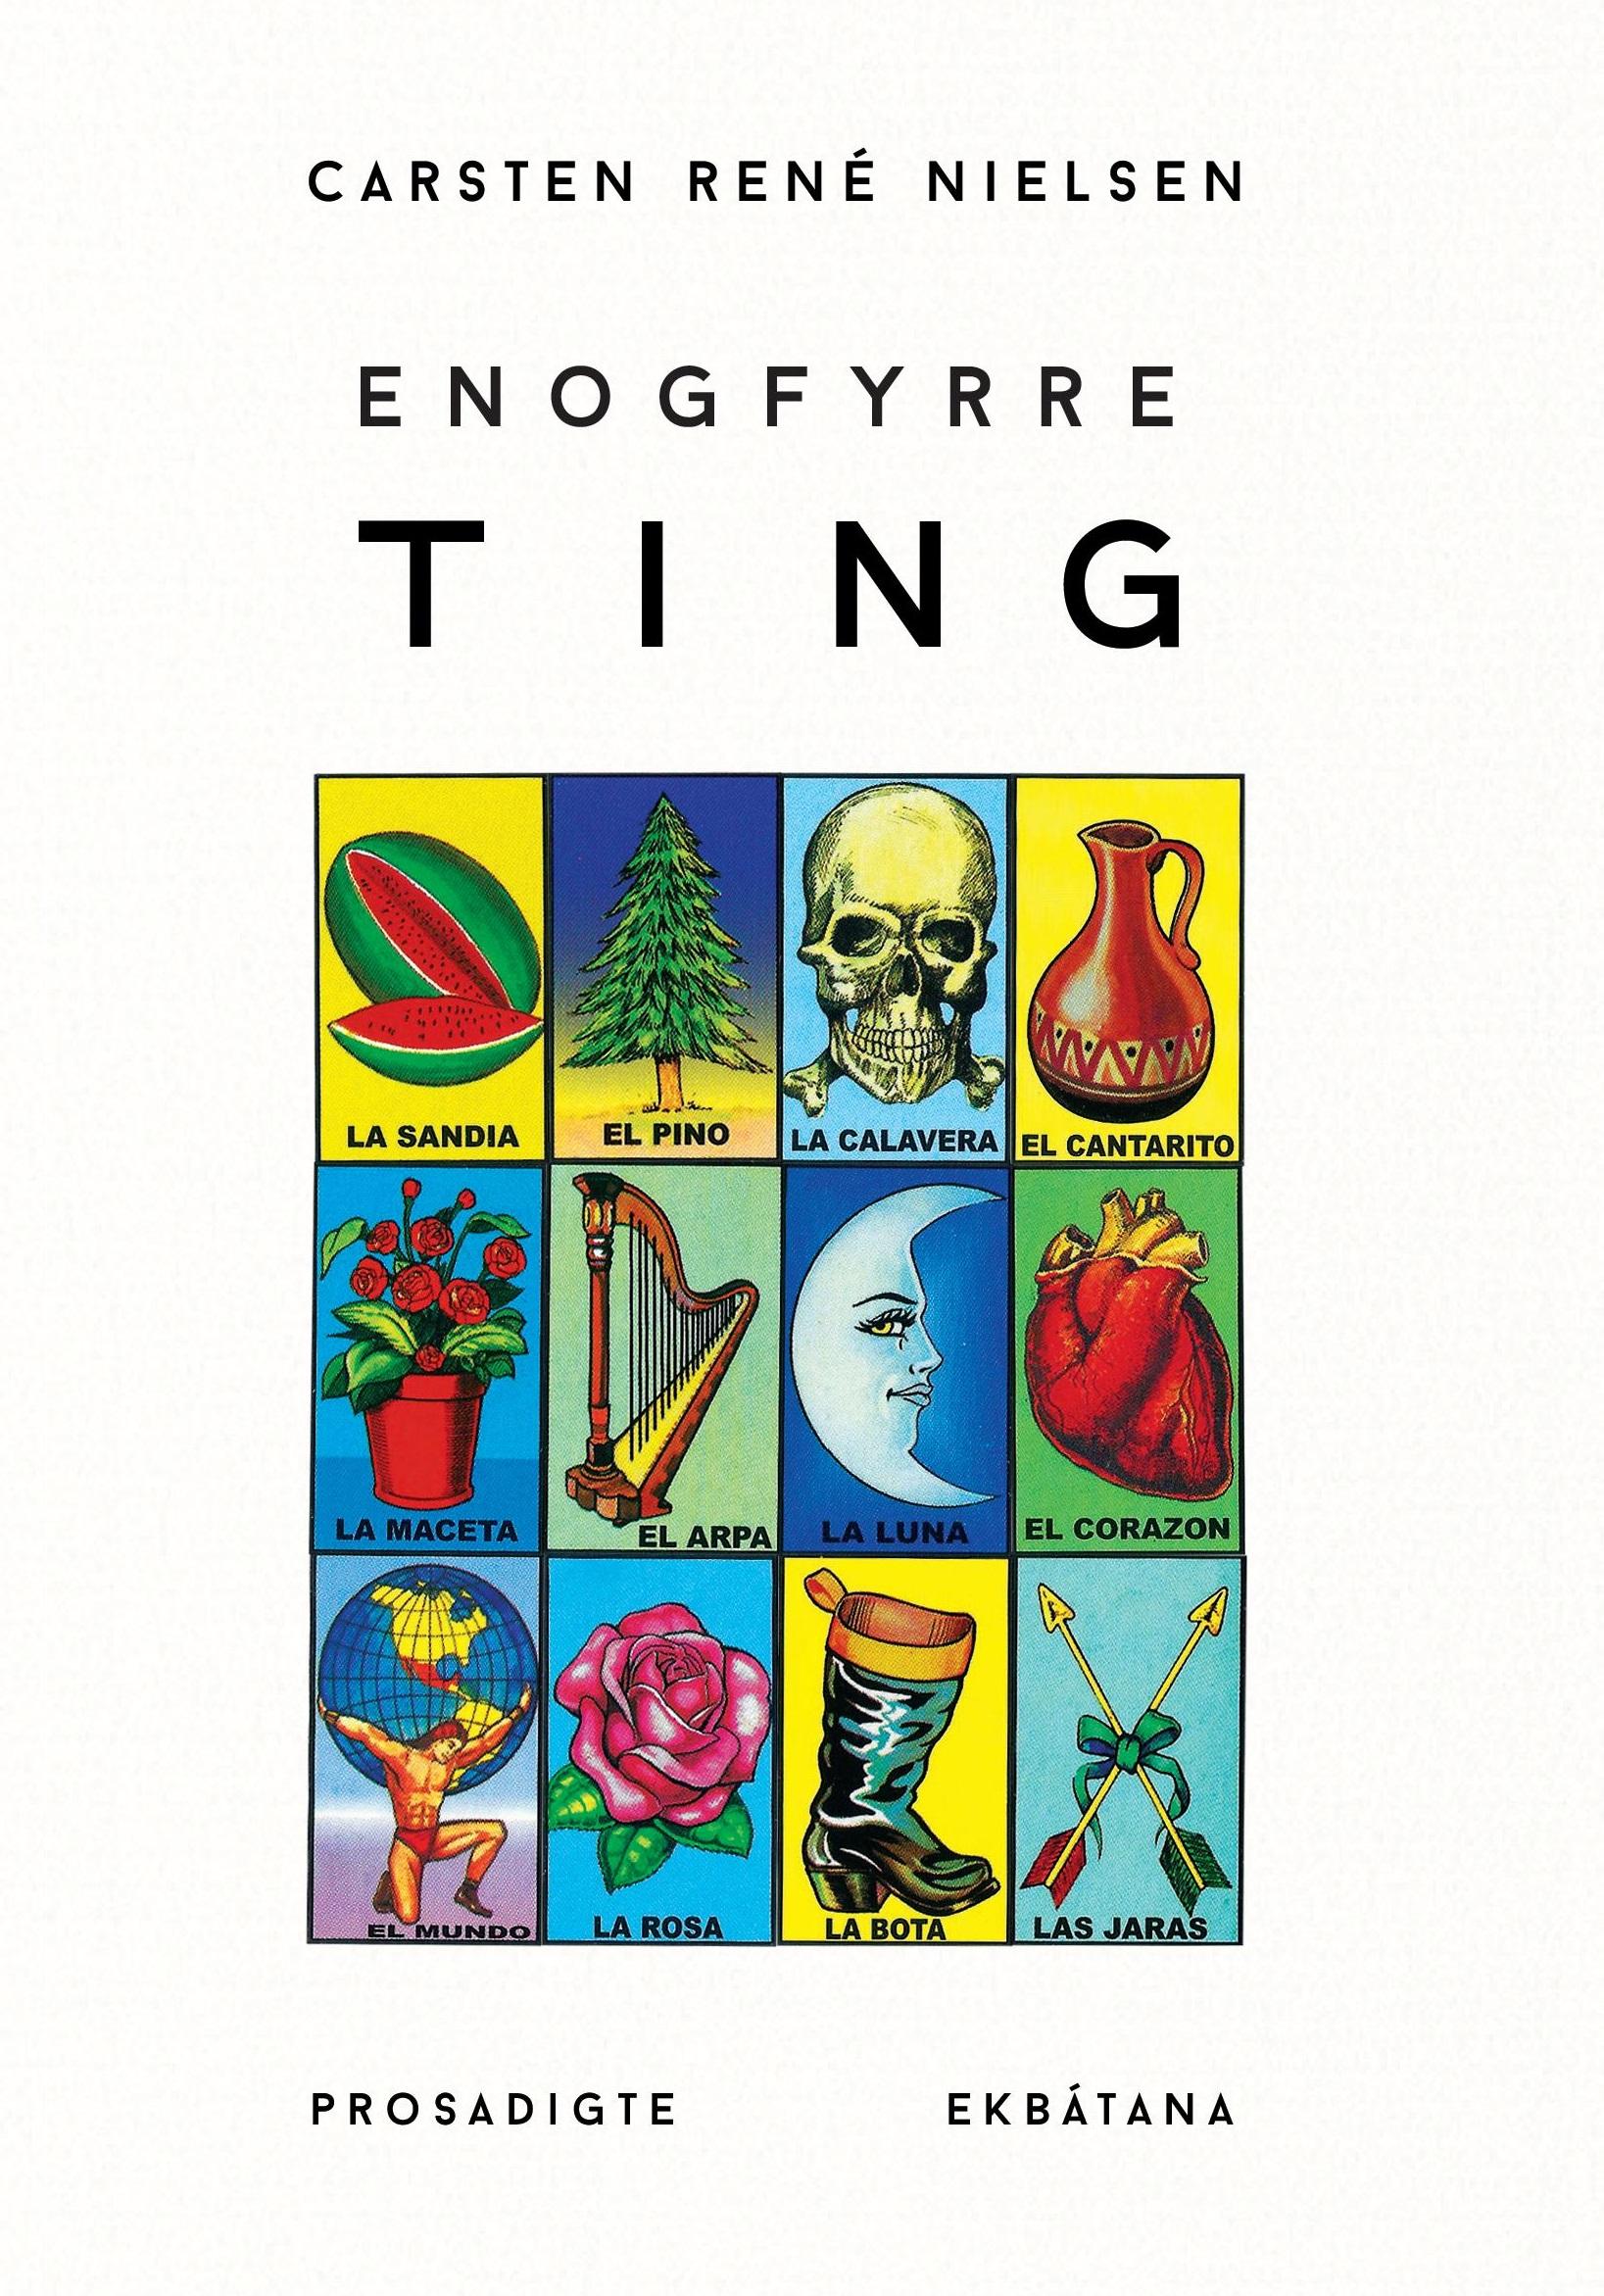 release for Enogfyrre ting, Carsten Rene nielsen, prosadigte